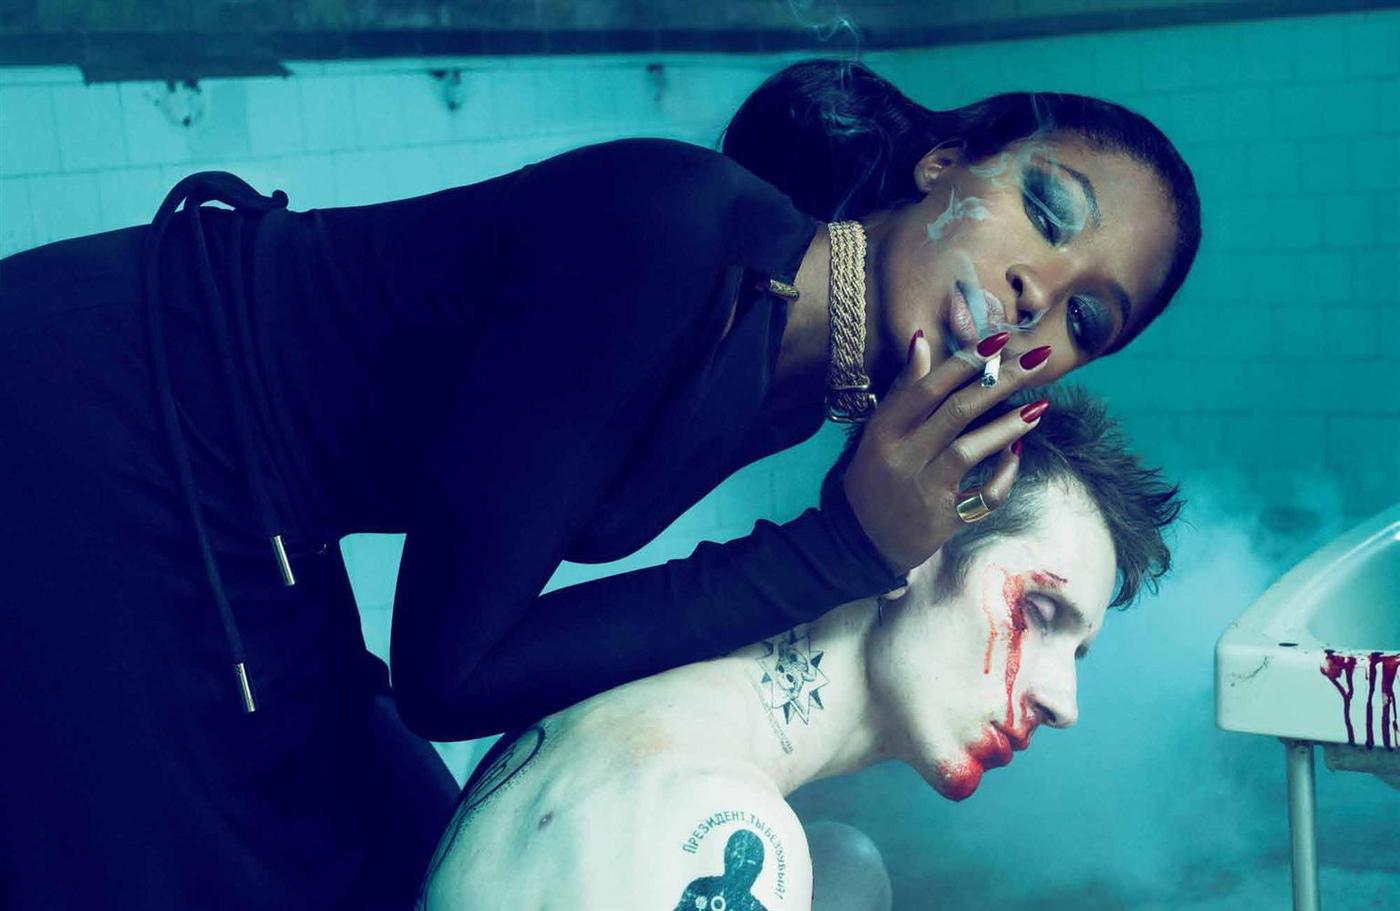 http://1.bp.blogspot.com/_vX2JZHFno7o/TKMc67Un2EI/AAAAAAAAz68/ZOwdRAaC2hA/s1600/Naomi+Campbell6.jpg